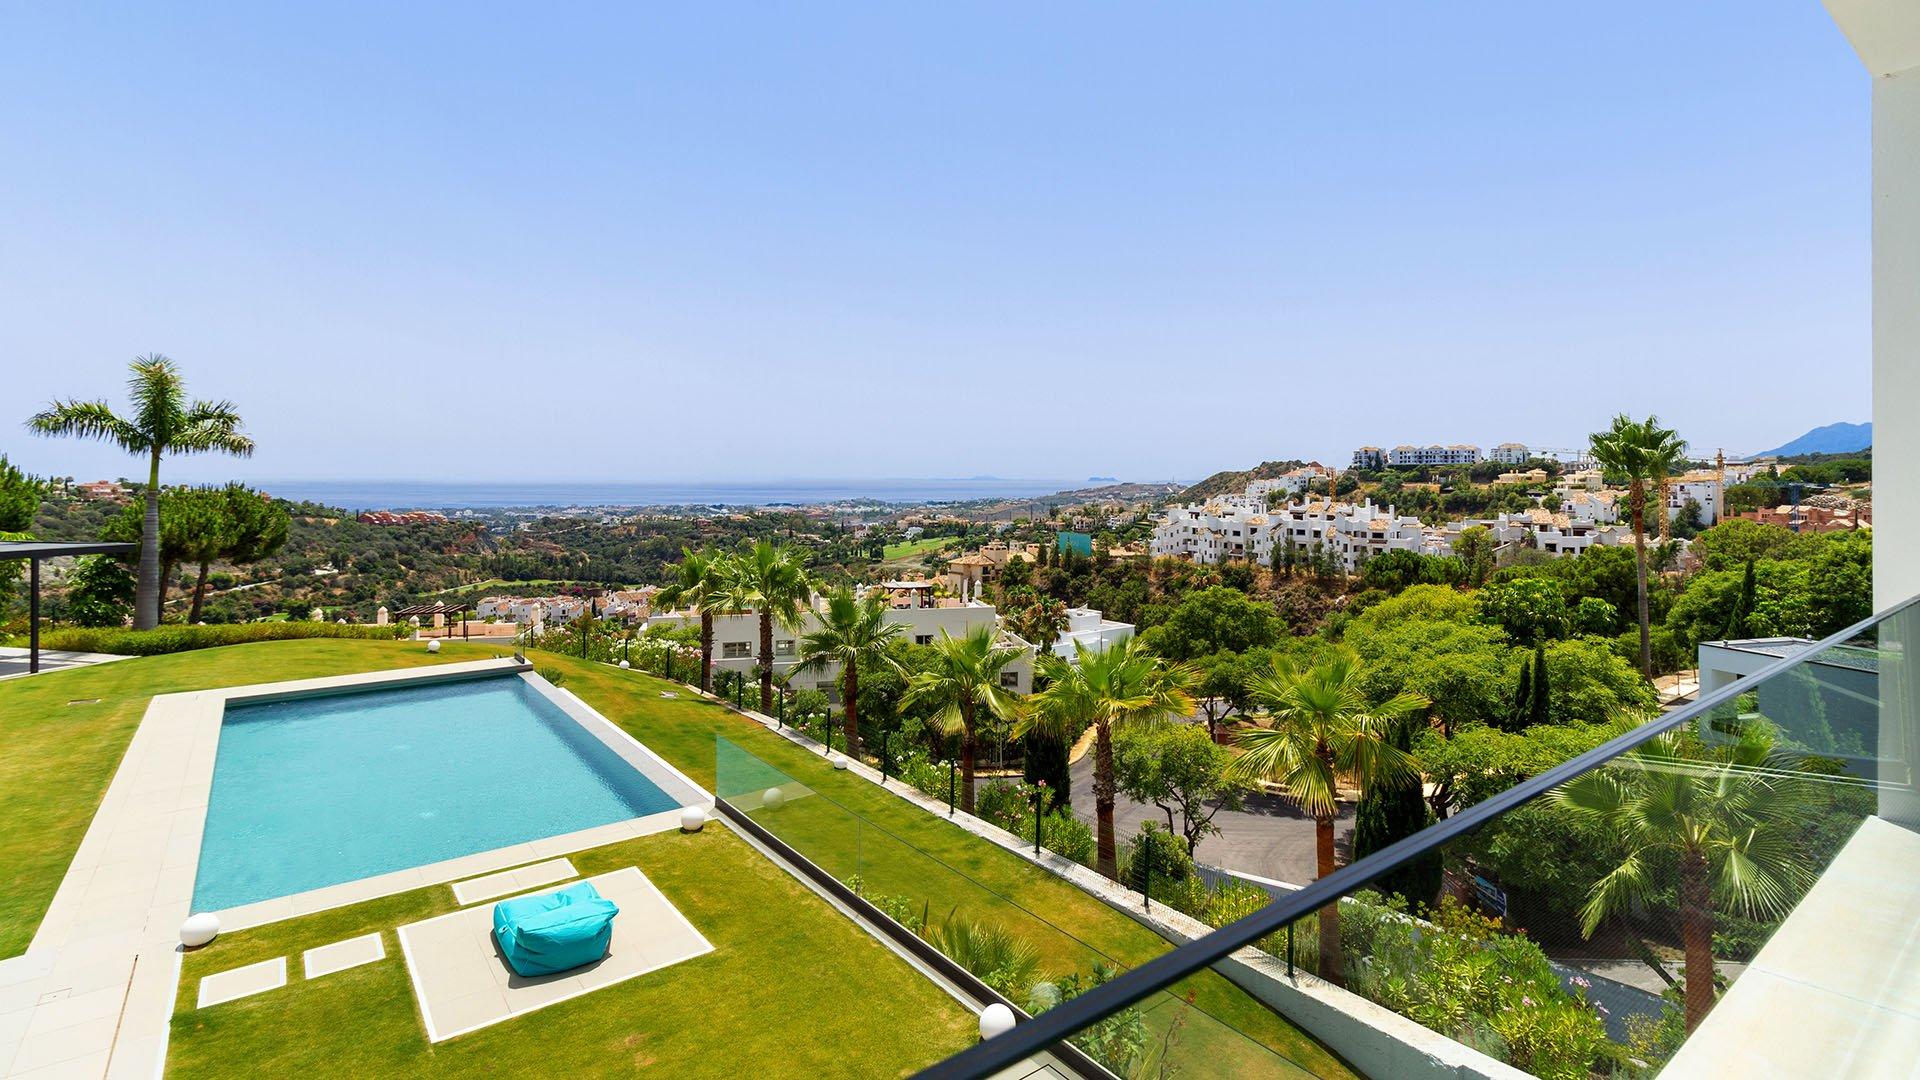 Sea La Vie: Majestueuze luxe villa met verbluffend uitzicht op zee en omgeving